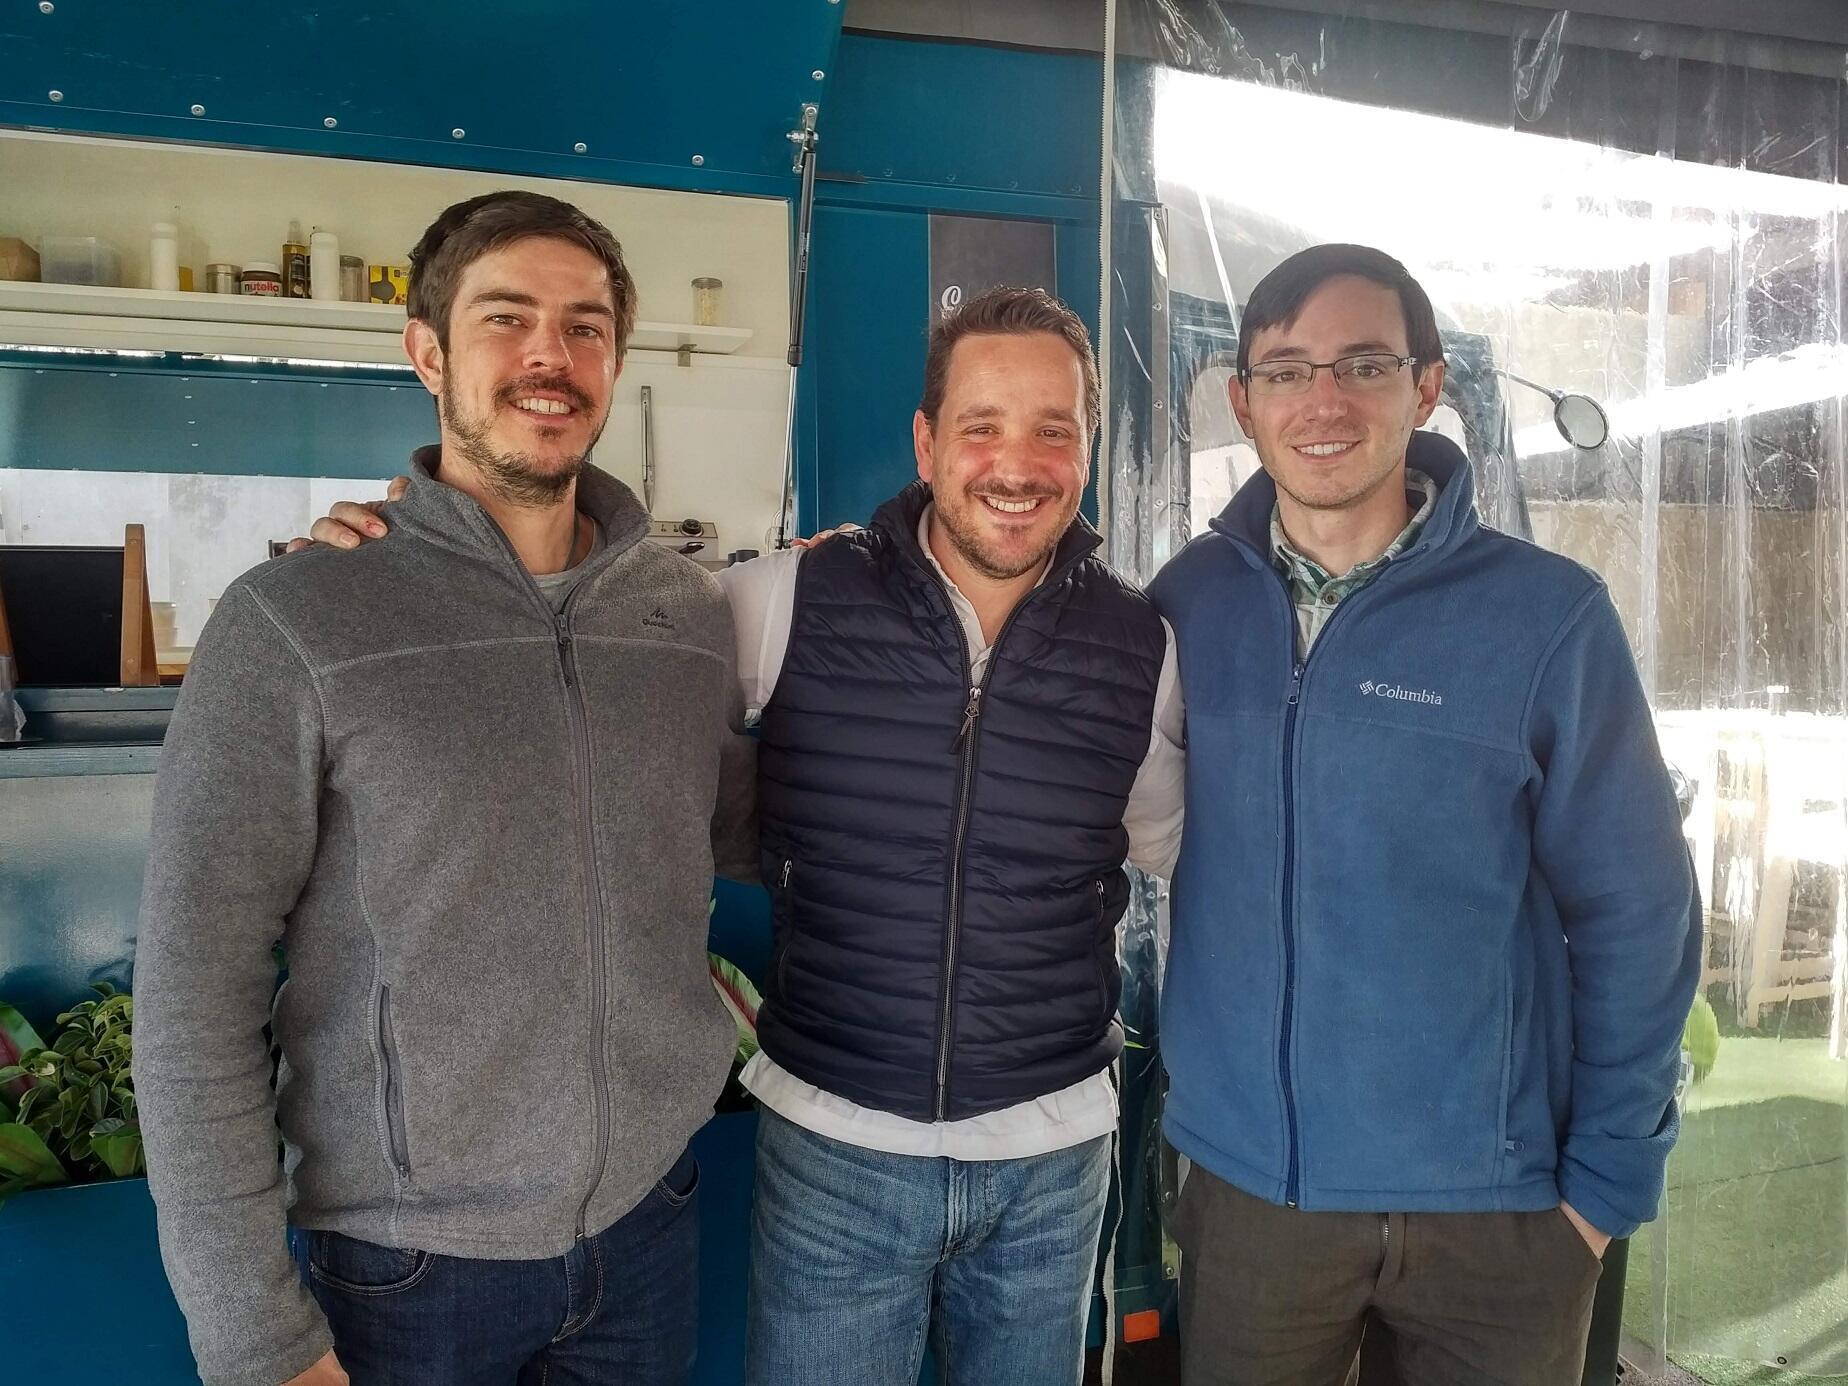 De izquierda a derecha, Javier Salinero, Marcial Iquerella y enrique Salas. Madrid, enero de 2019.